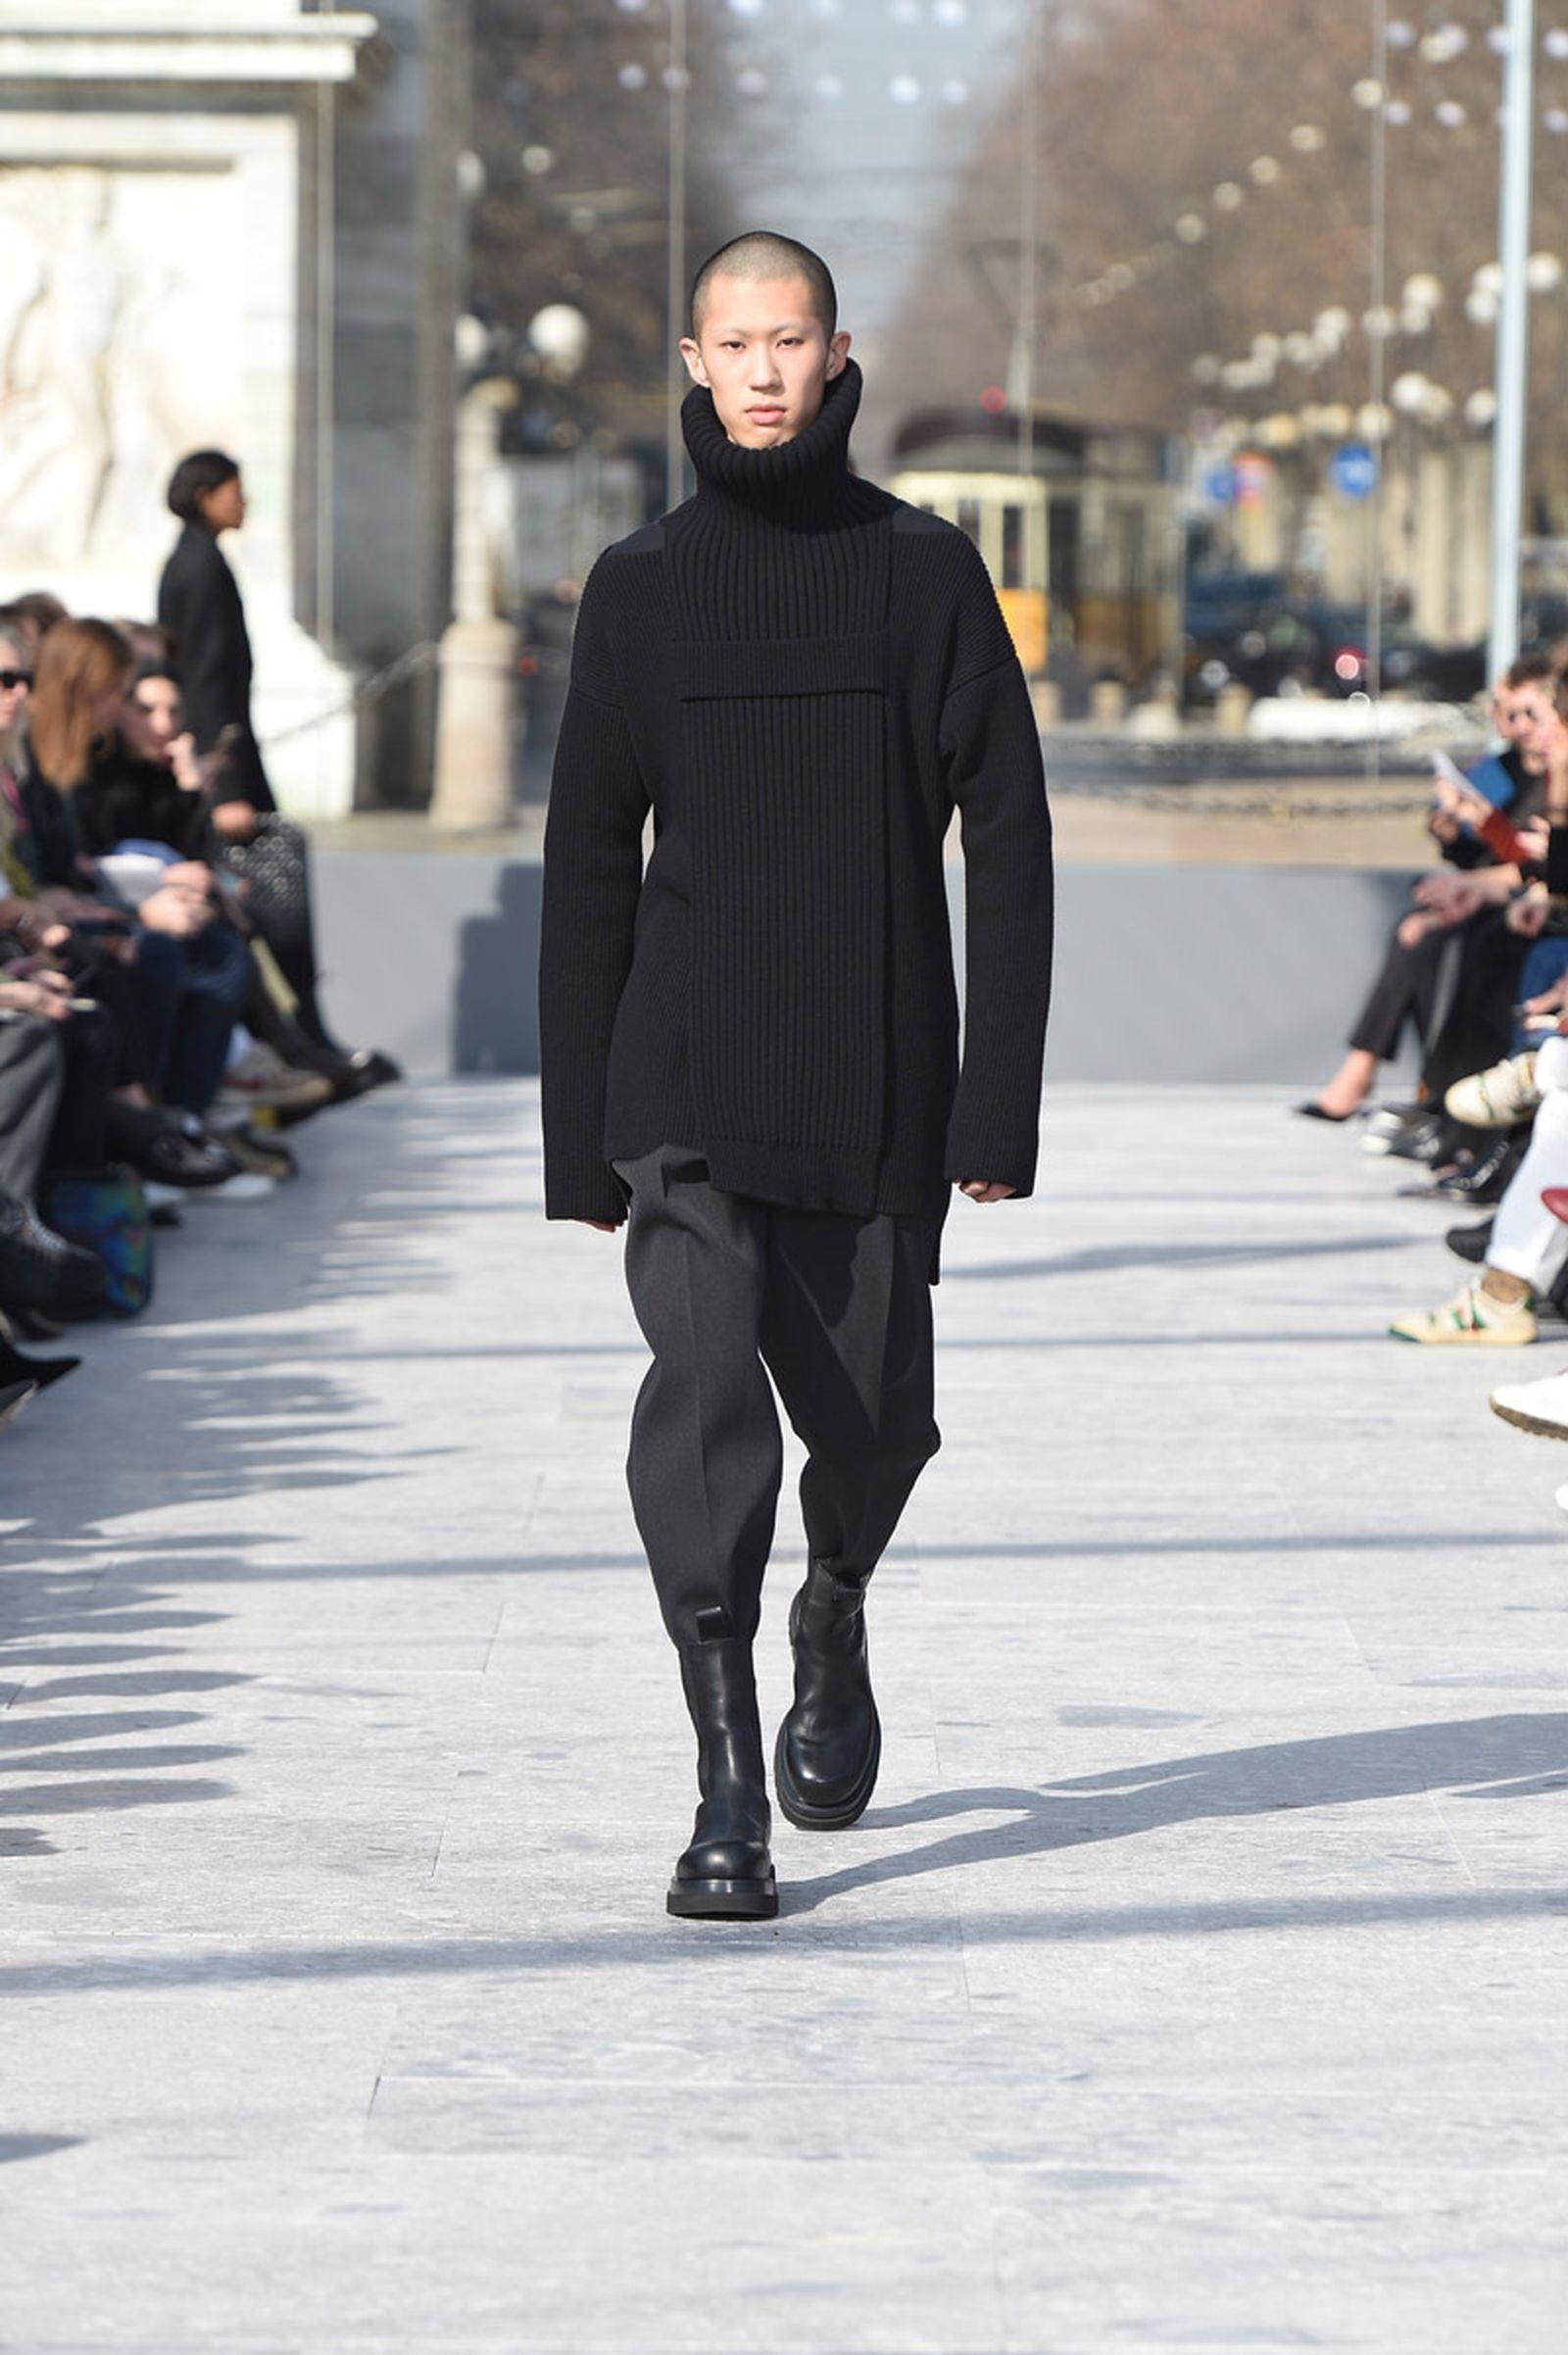 bottega-veneta-is-bringing-timeless-luxury-back-to-fashion-07